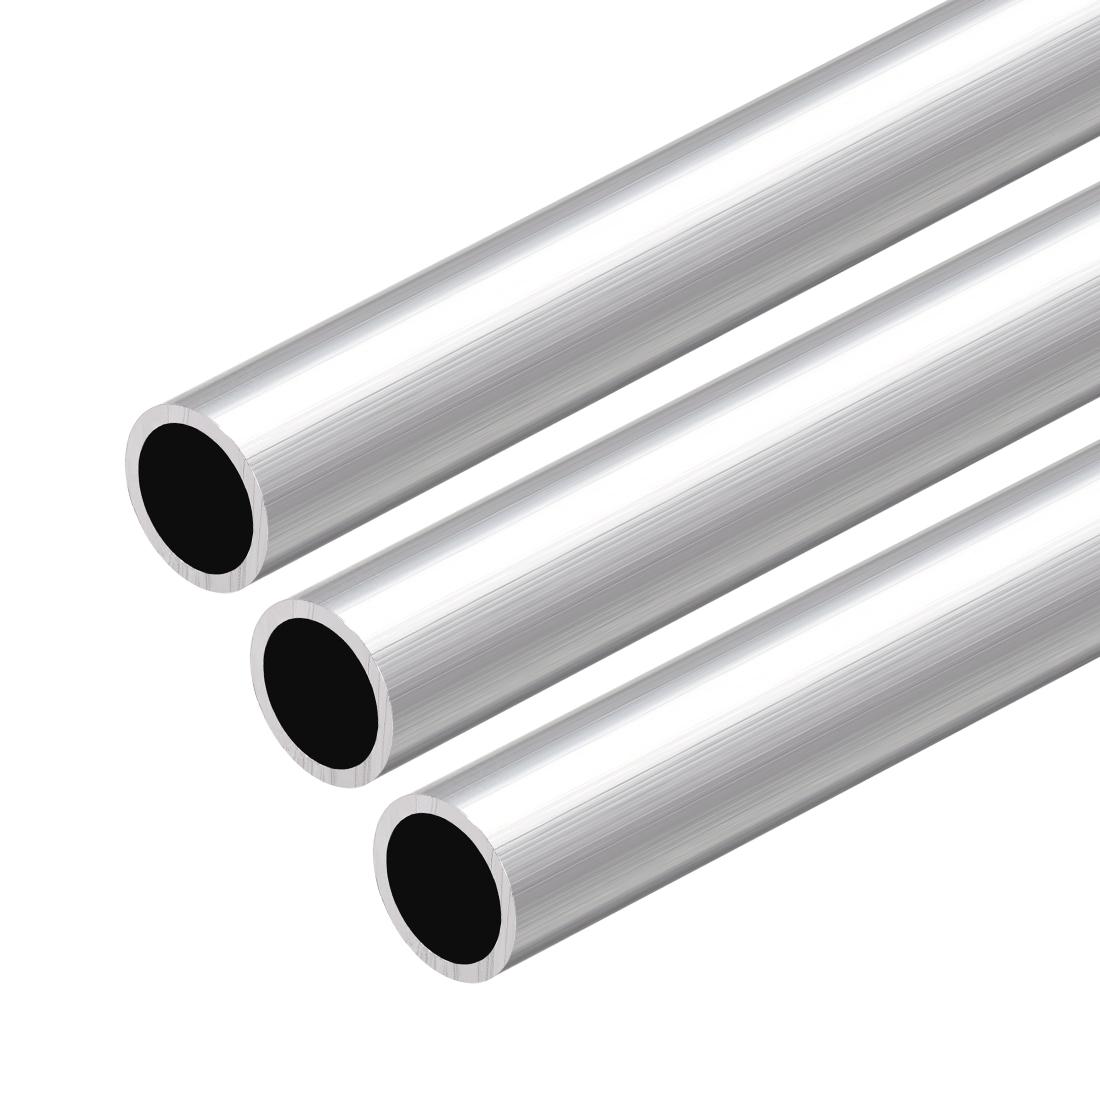 6063 Aluminum Round Tube 300mm Length 16mm OD 13mm Inner Dia Seamless Tube 3 Pcs